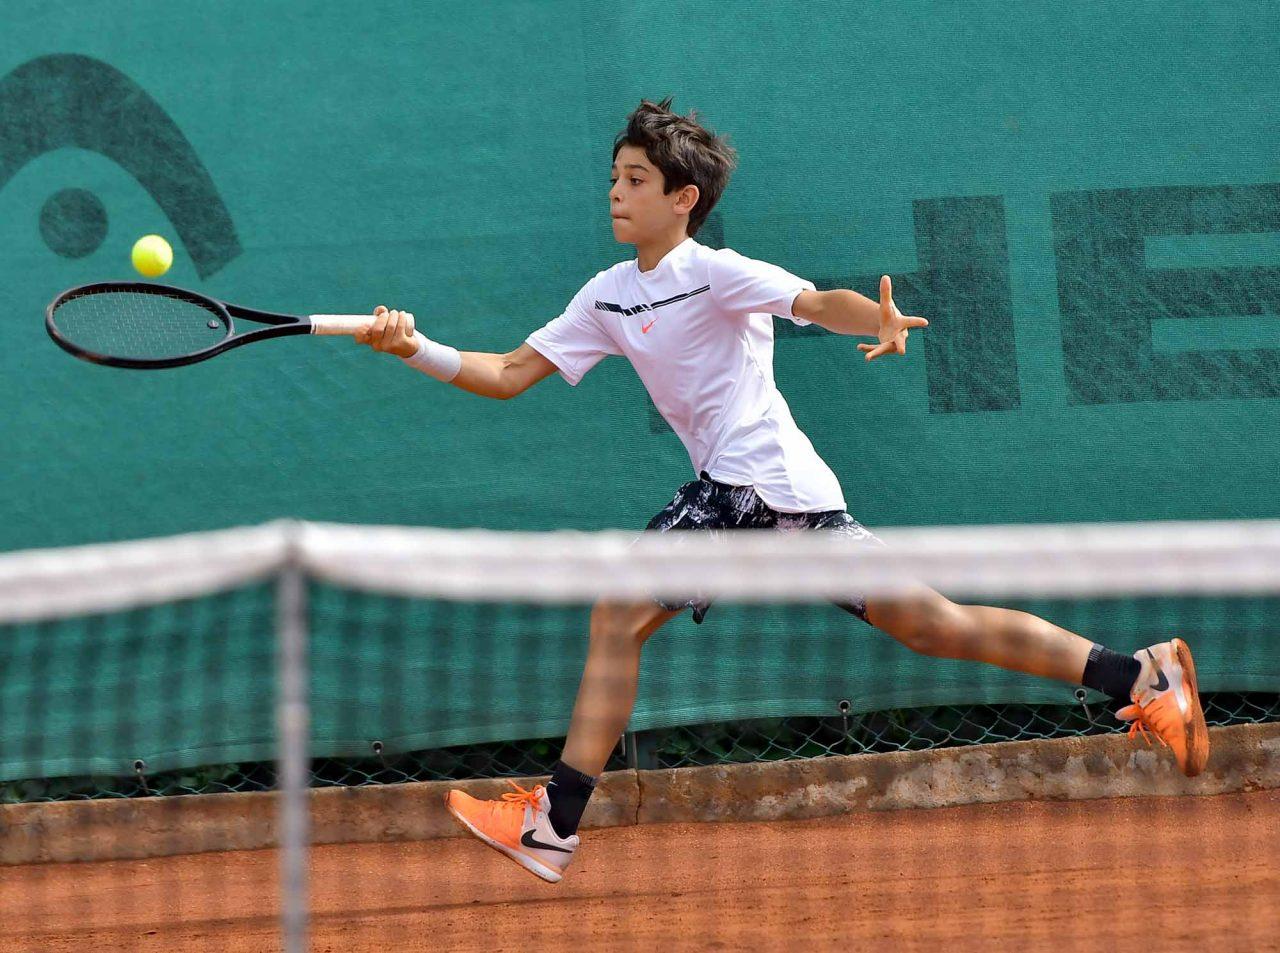 Държавно първенство тенис до 14 год. ТК 15-40 финал (8)